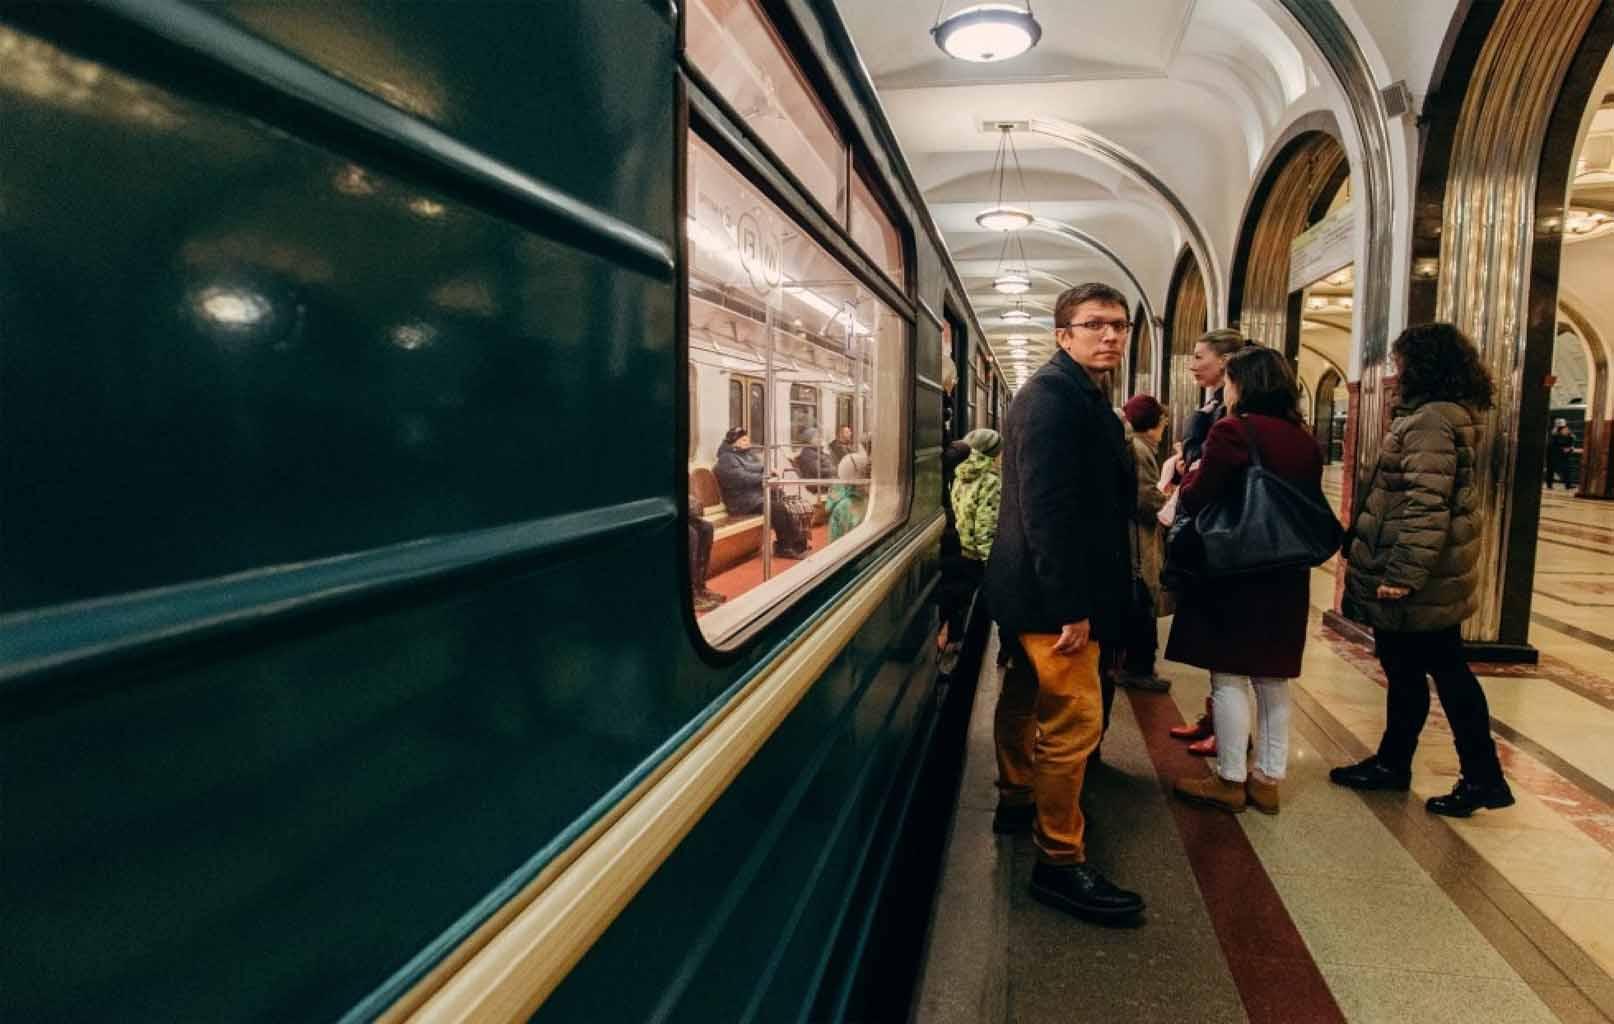 Tham gia chương trình Metro tour (Hệ thống Tàu Điện Ngầm)